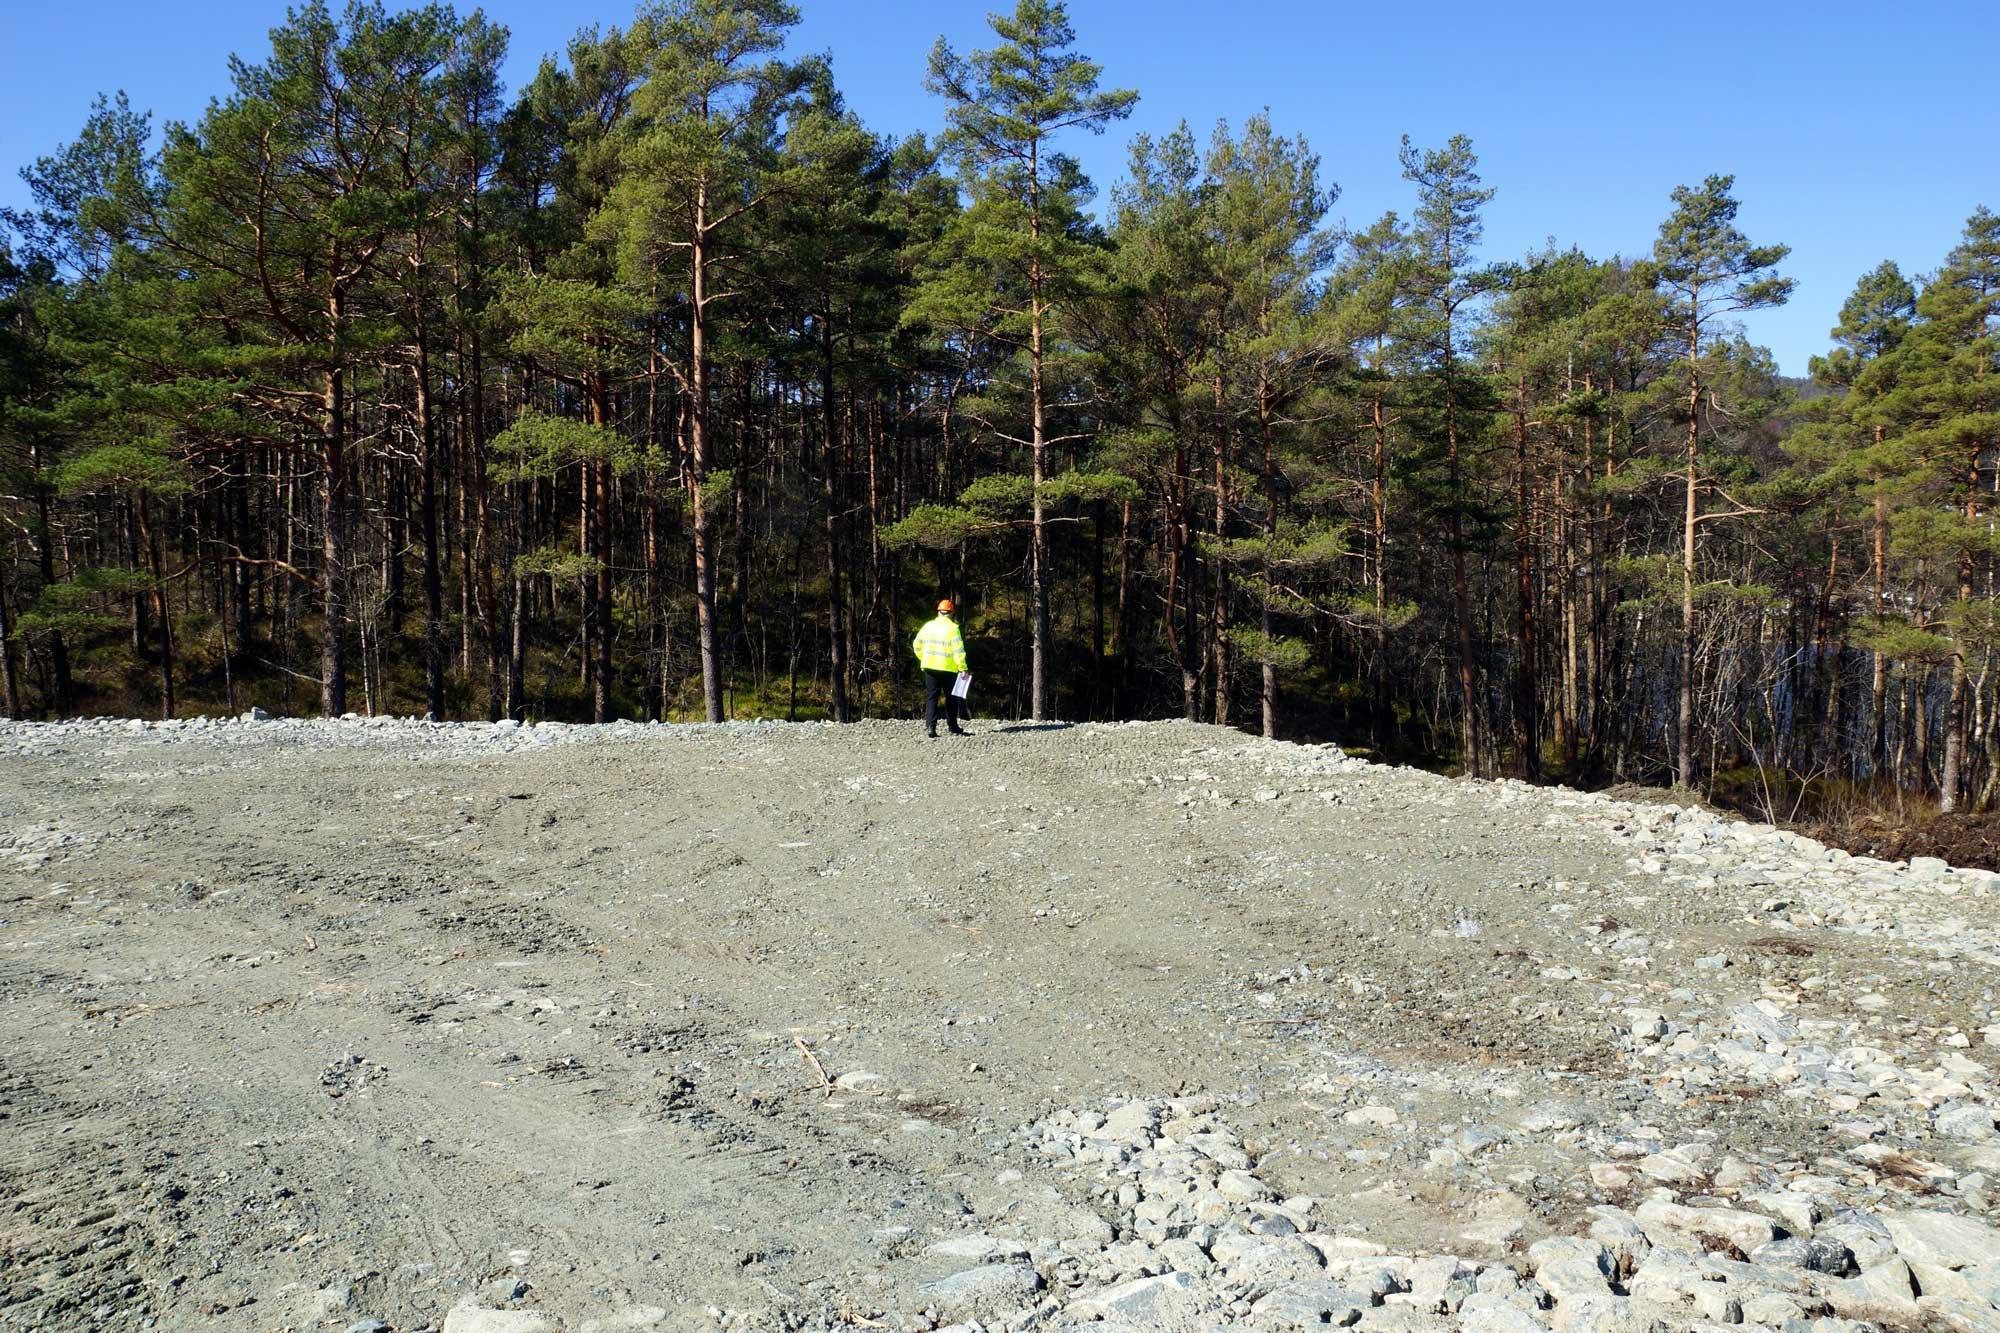 Den store fine ballbanen i skogkanten er ferdig grovplanert